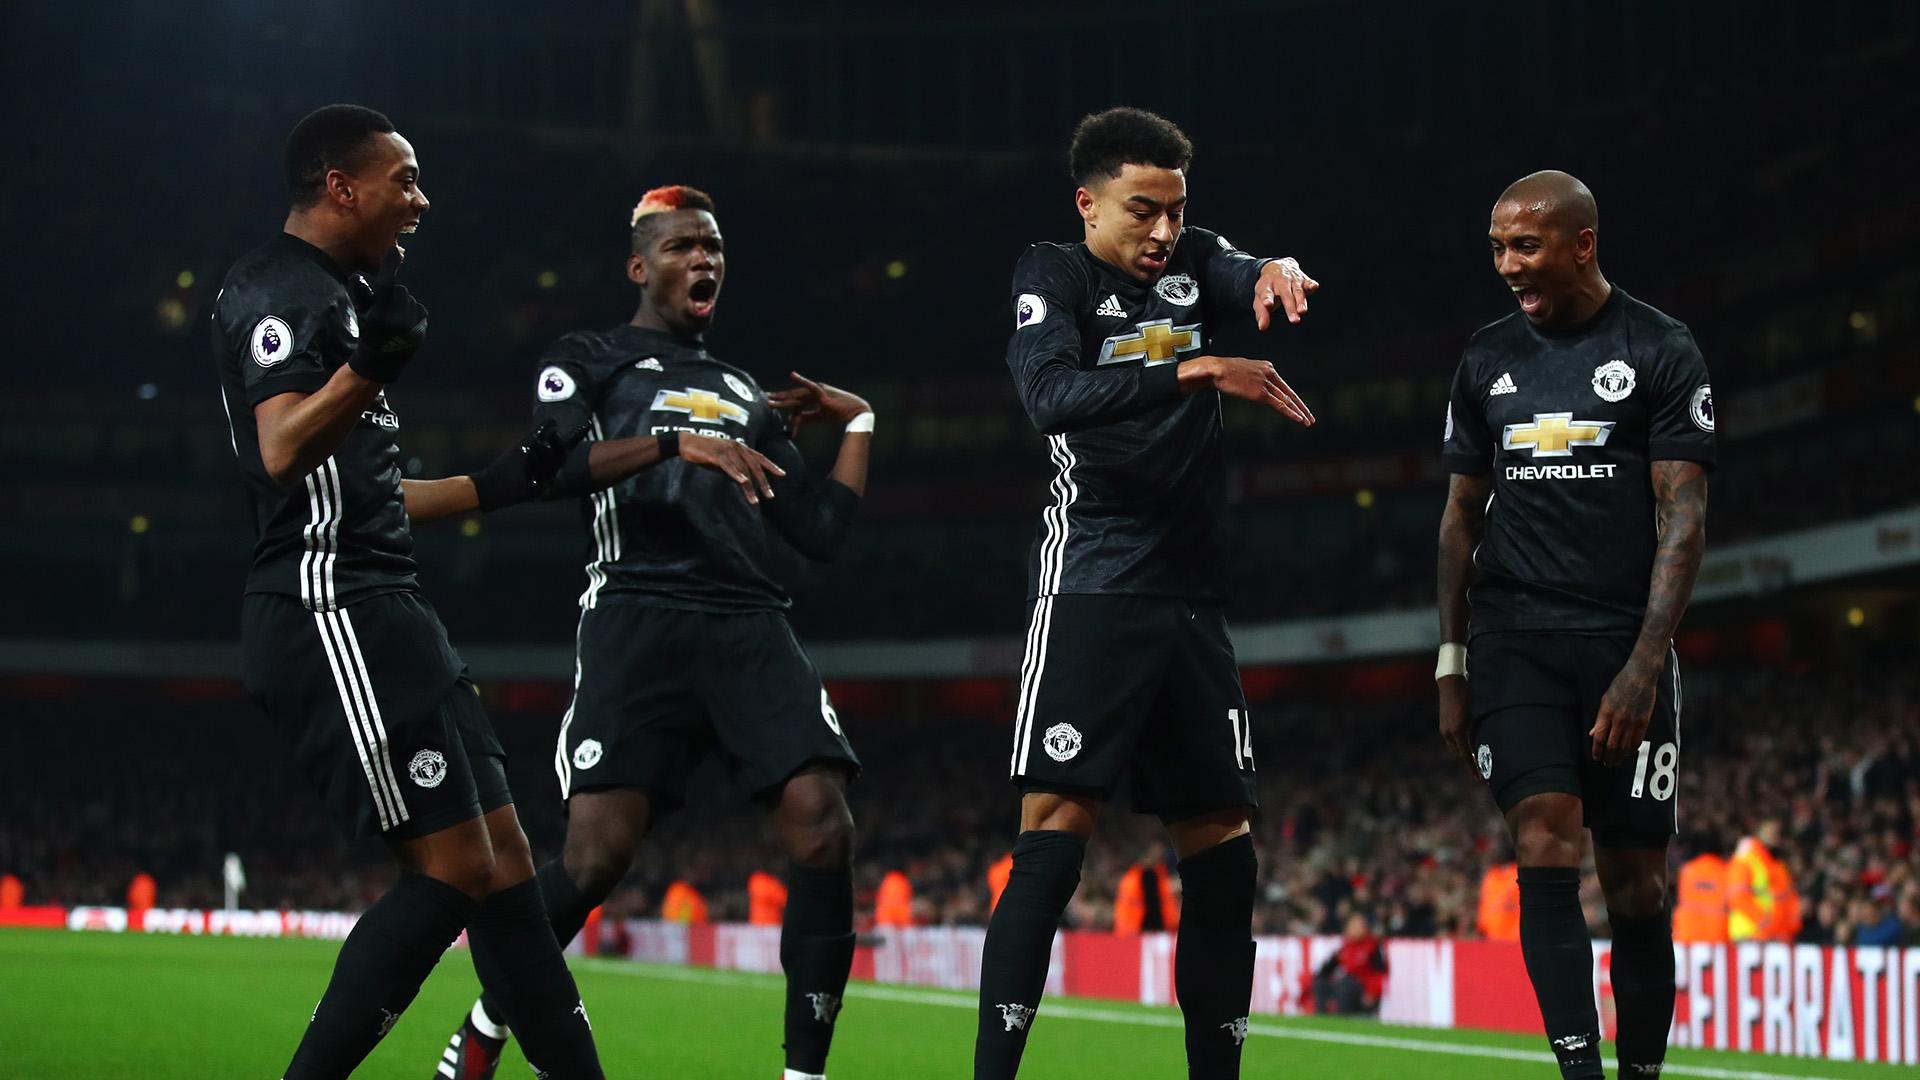 Chọc giận Man Utd, Sevilla lãnh đủ - Bóng Đá